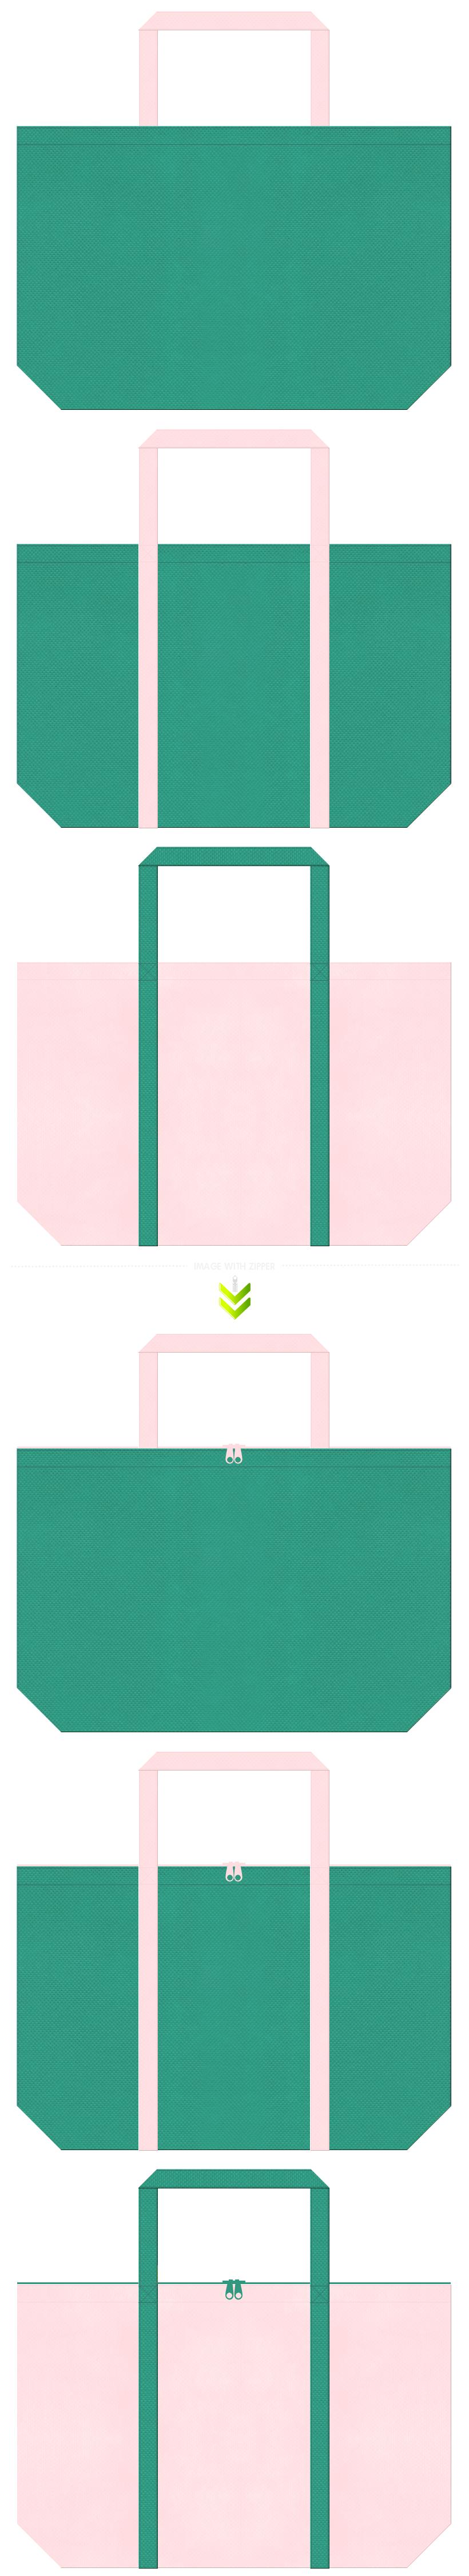 掃除、洗濯等のクリーンなイメージのバッグノベルティにお奨めのコーデ。青緑色と桜色の不織布エコバッグデザイン。